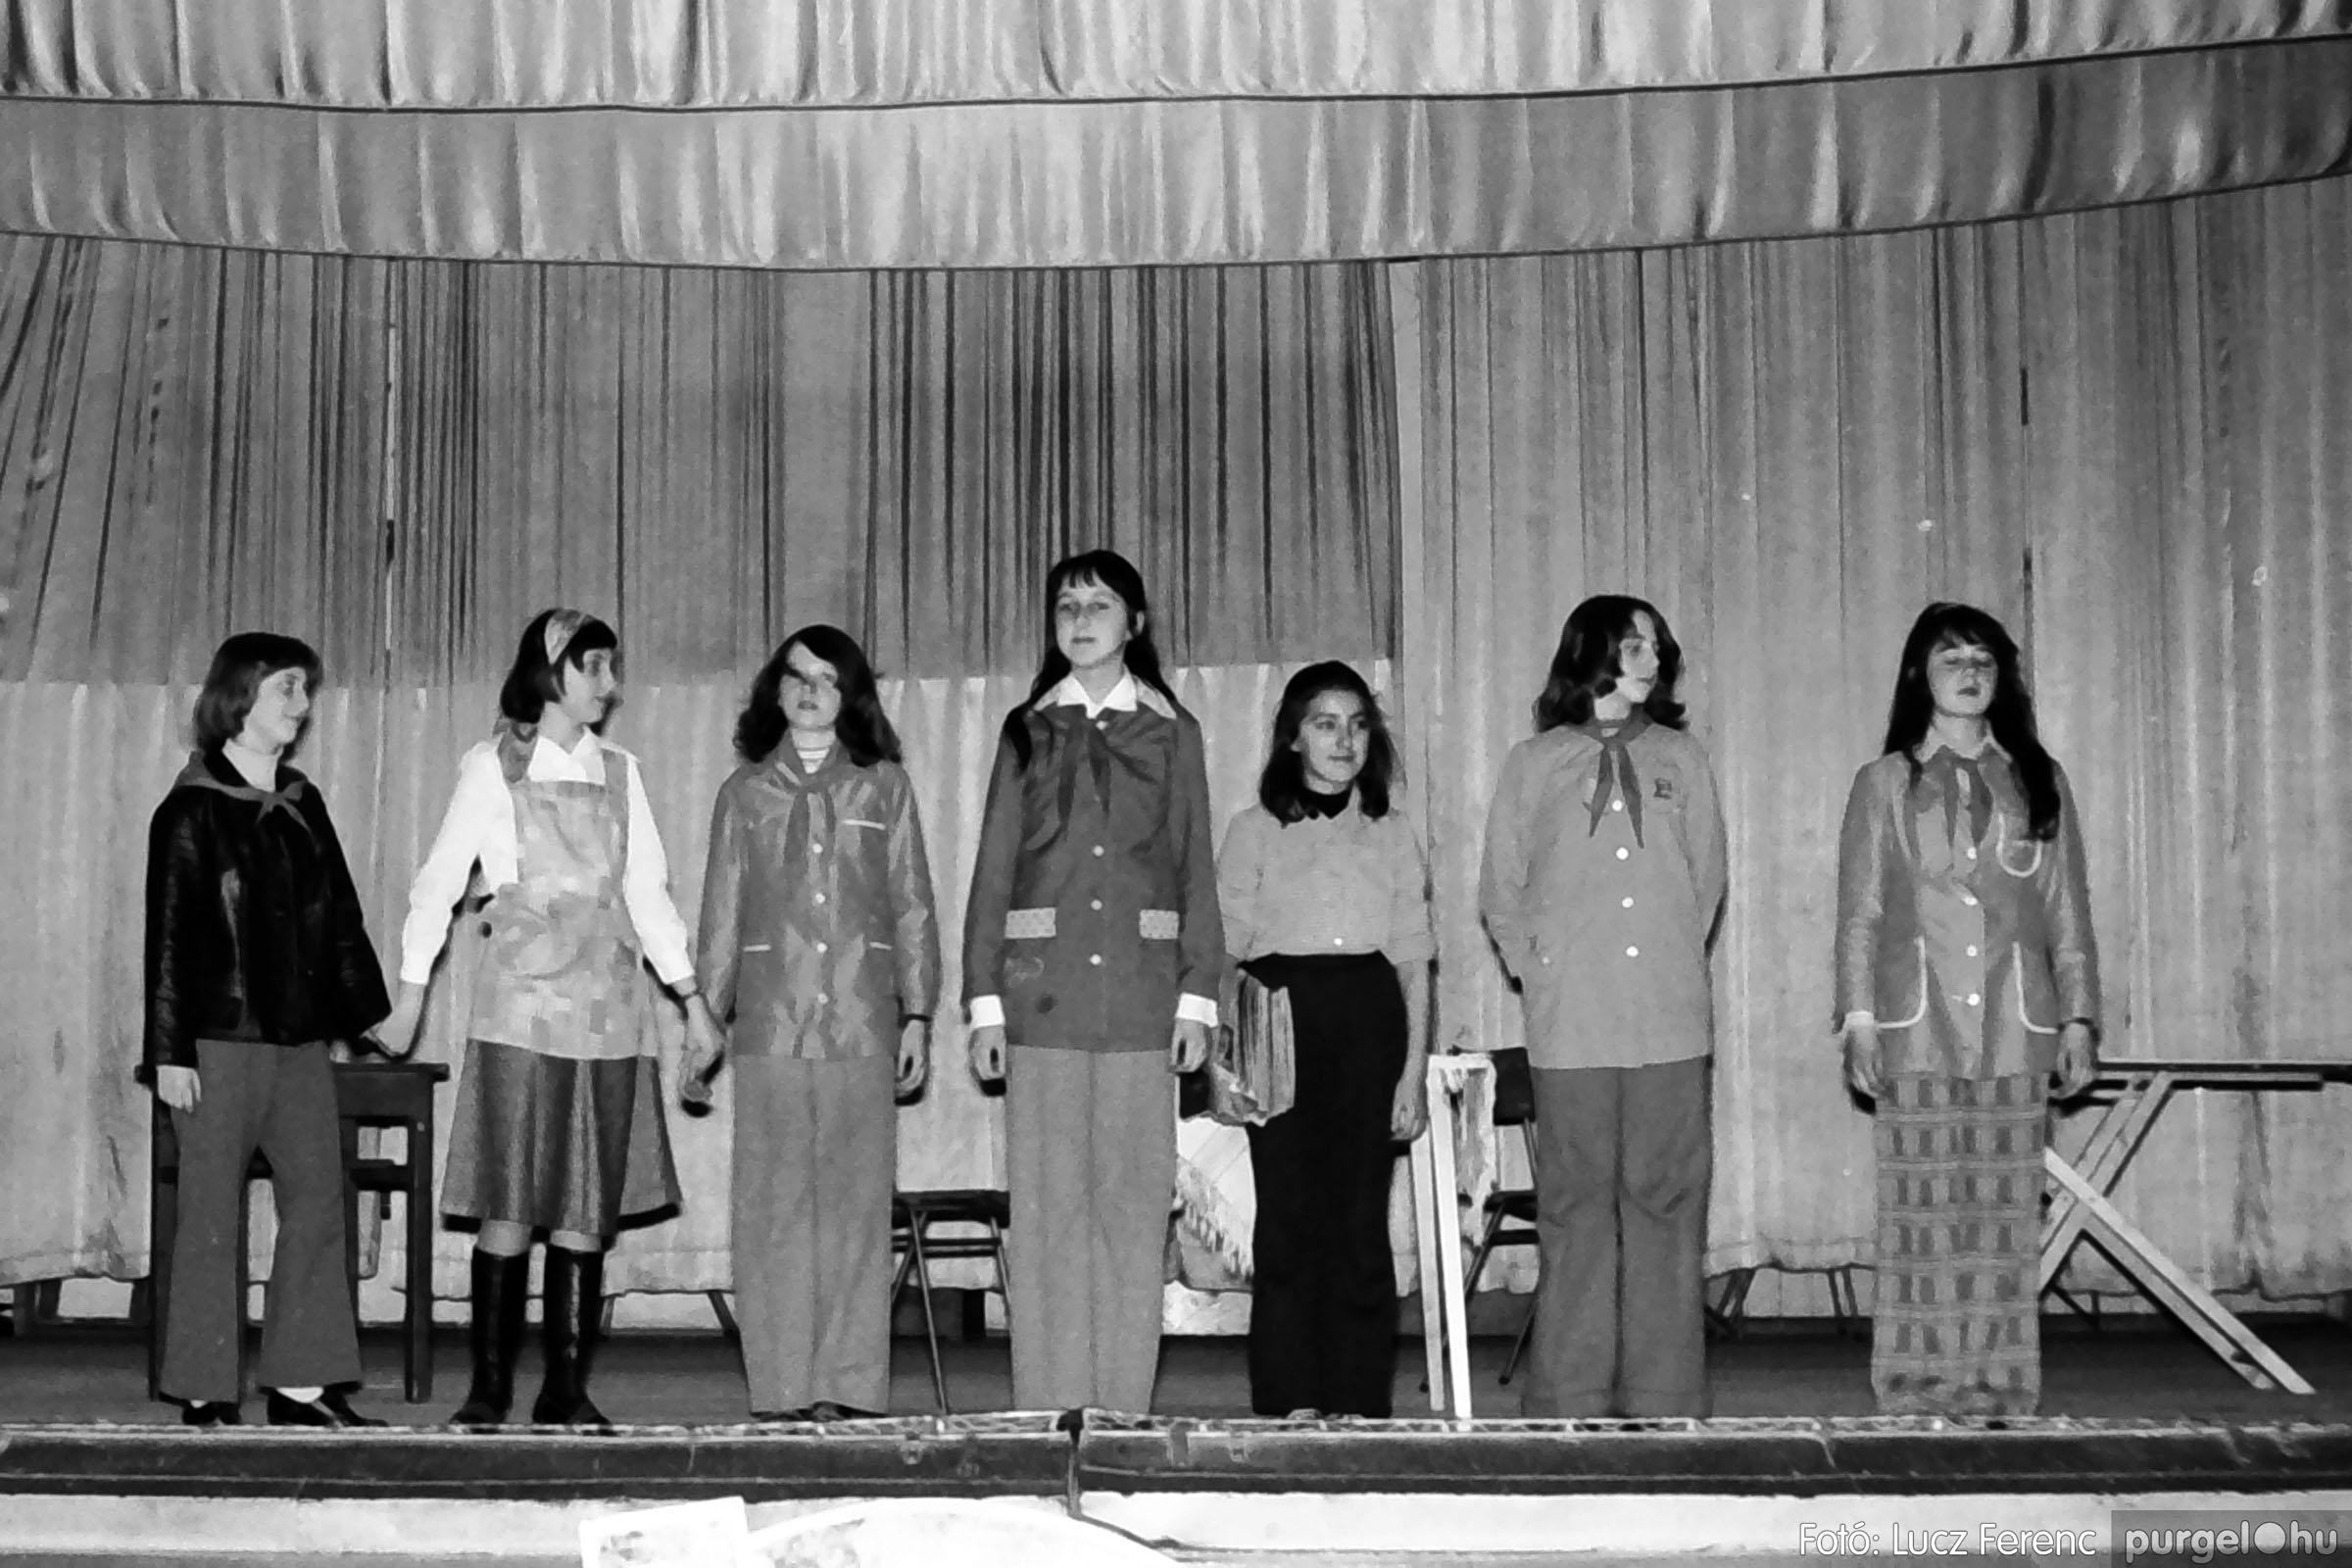 036-037. 1976. Diákprogram a kultúrházban 025 - Fotó: Lucz Ferenc.jpg